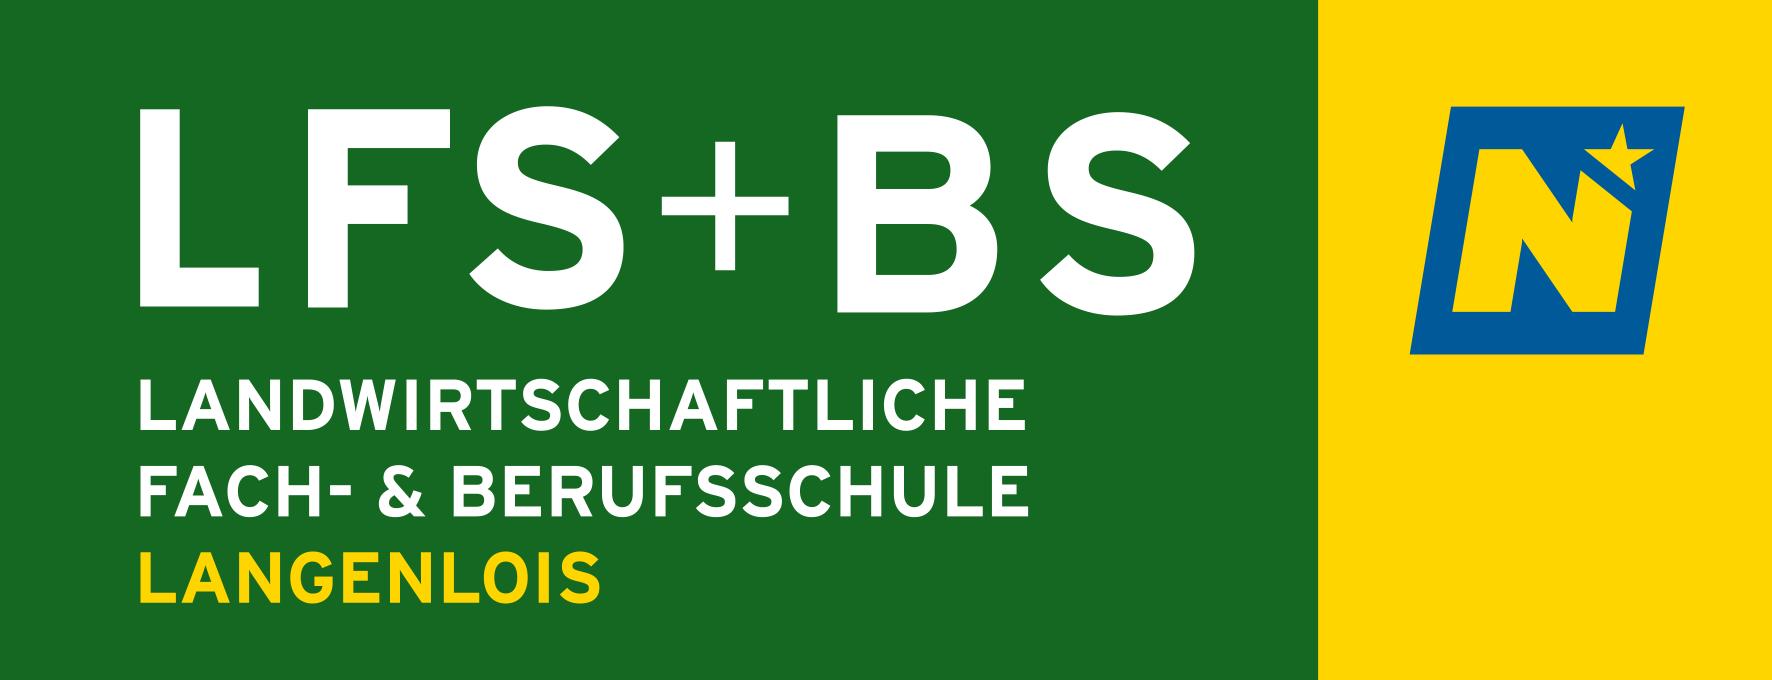 LFS + BS Langenlois LOGO